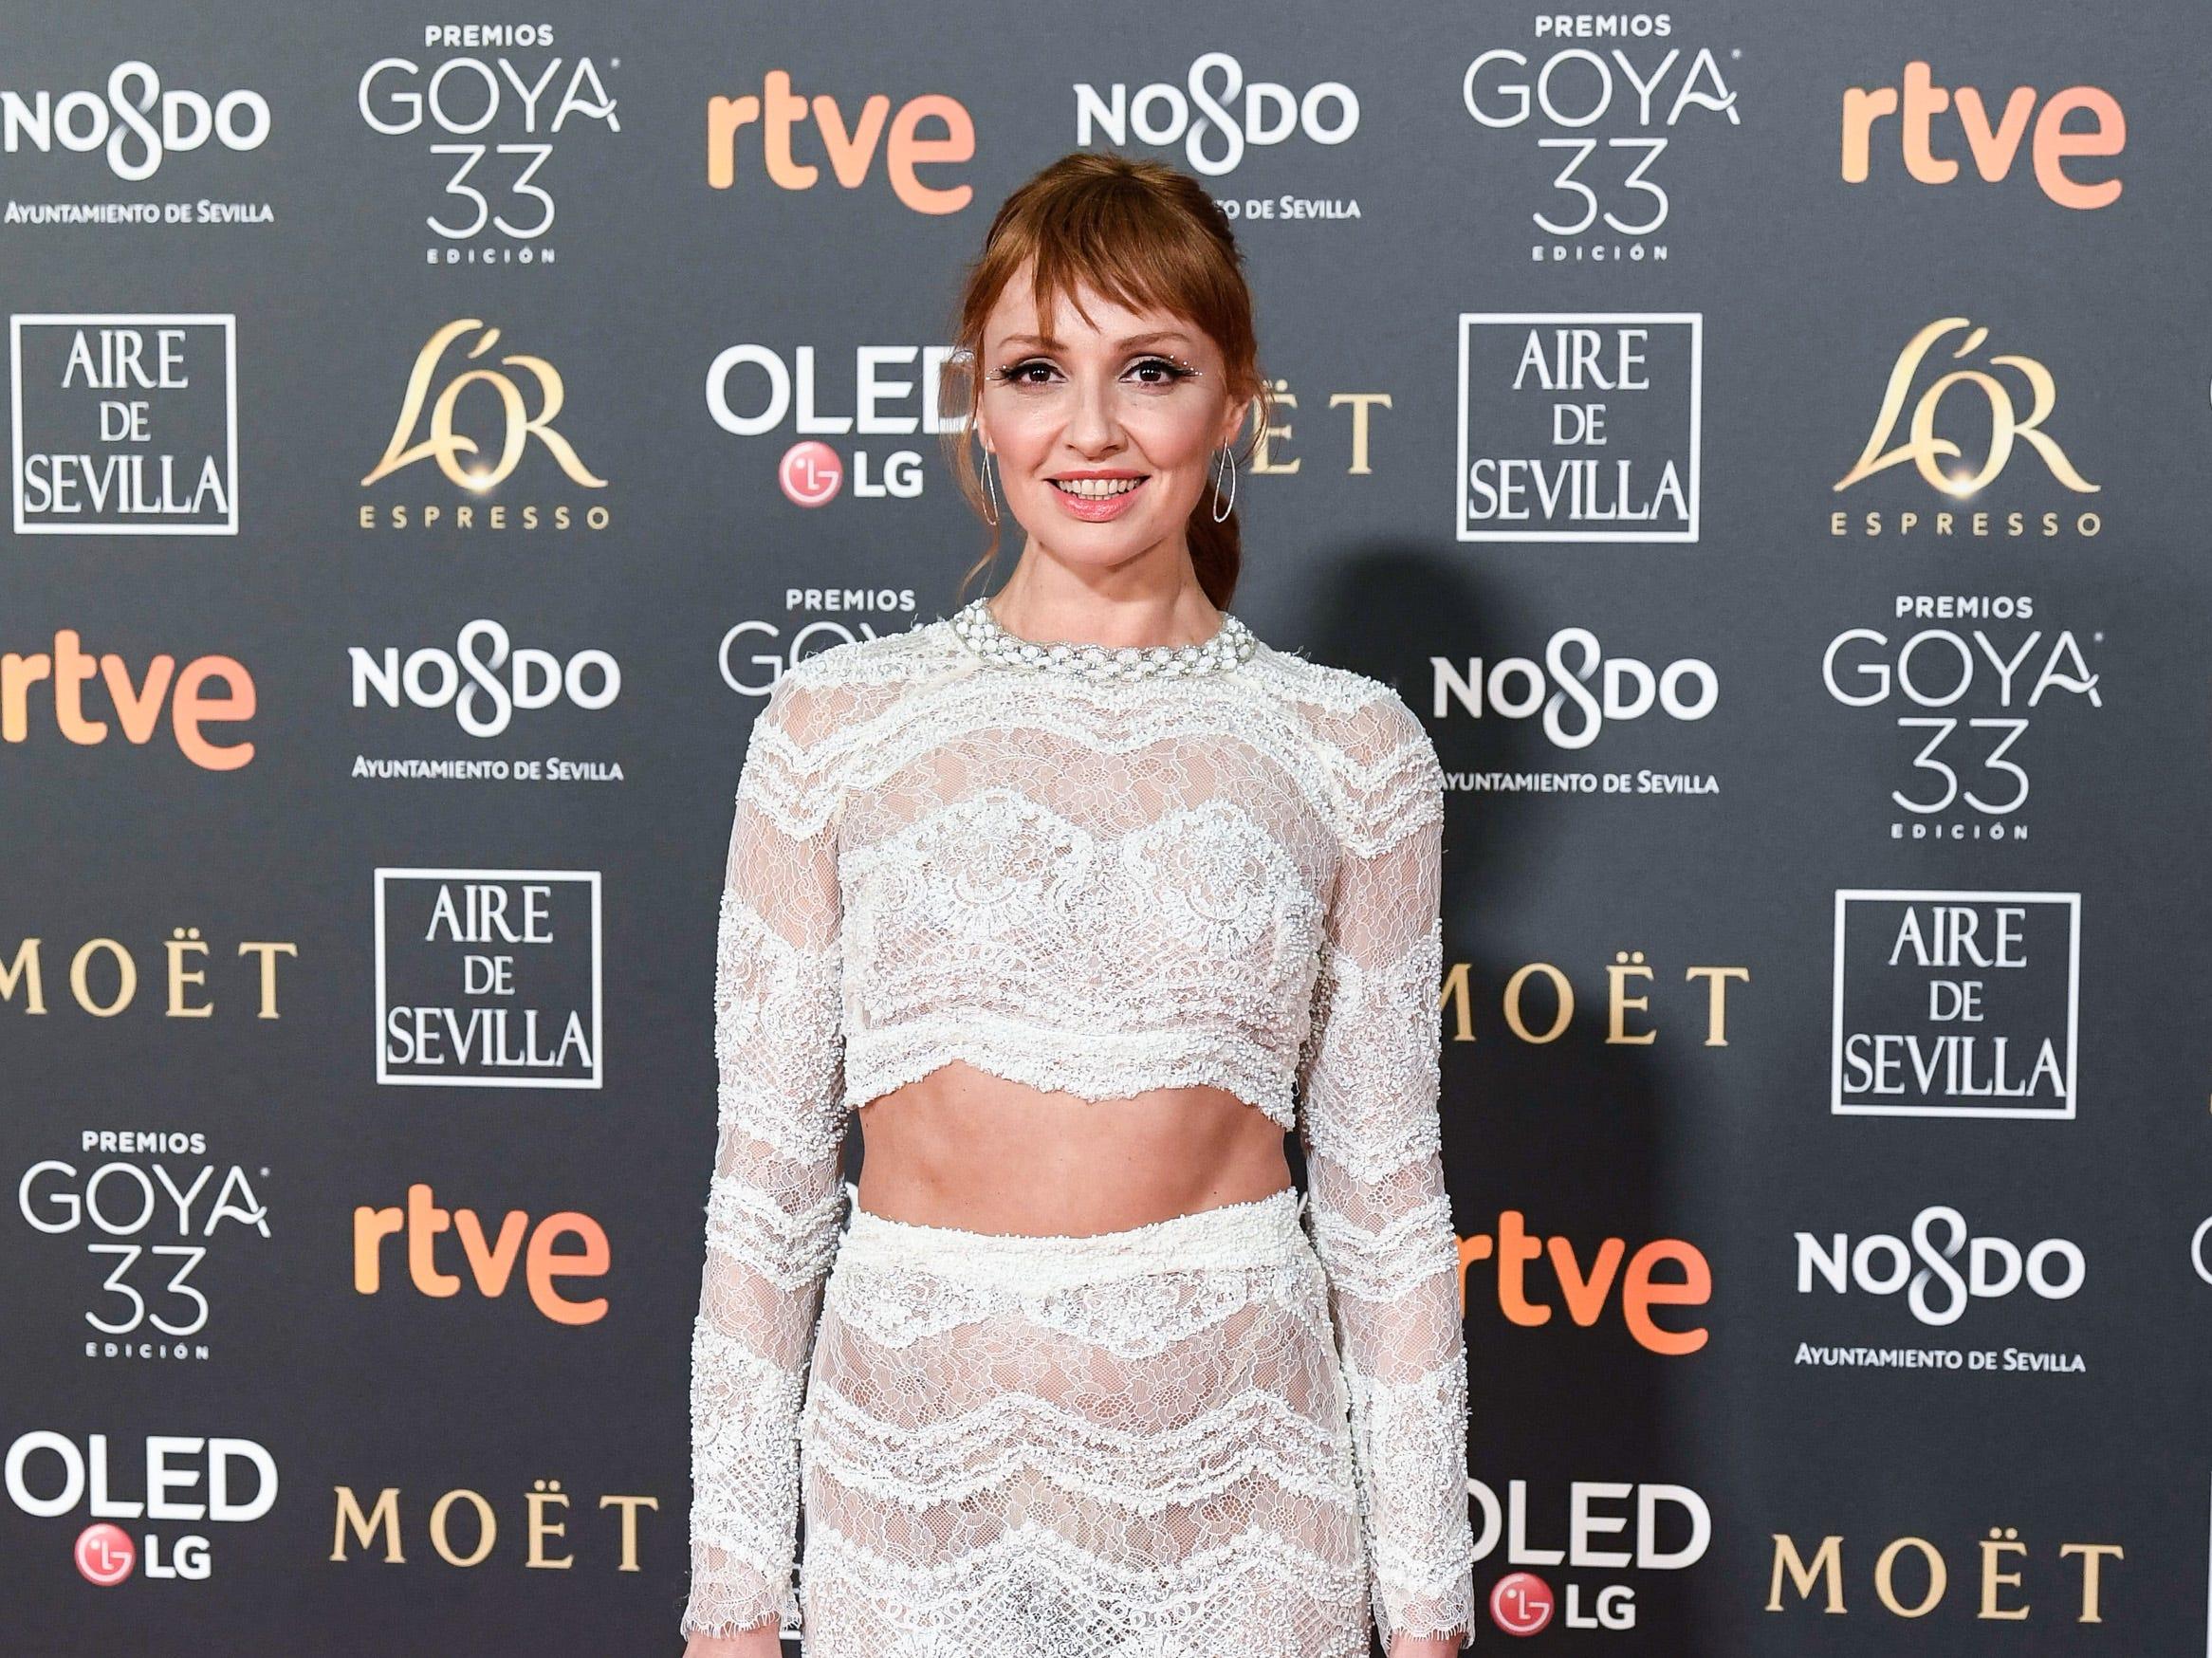 Cristina Castaño asiste a la 33ª edición de los Premios de Cine Goya en el Palacio de Congresos y Exposiciones FIBES el 2 de febrero de 2019 en Sevilla, España.